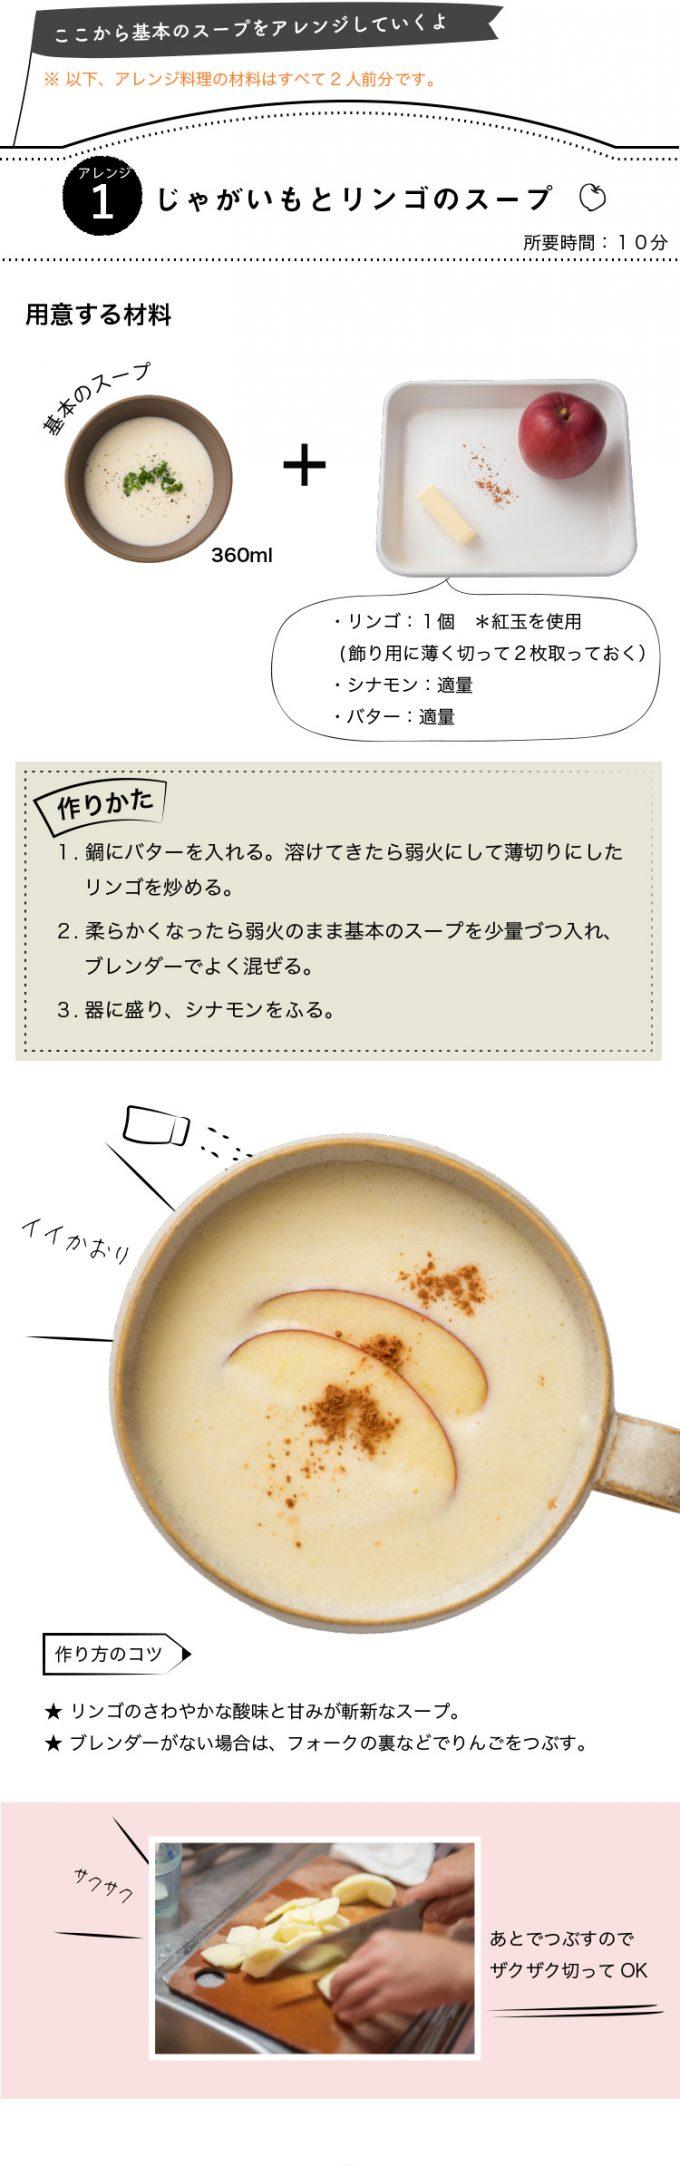 アレンジスープ【牡蠣と蕪のチャウダー風】レシピ